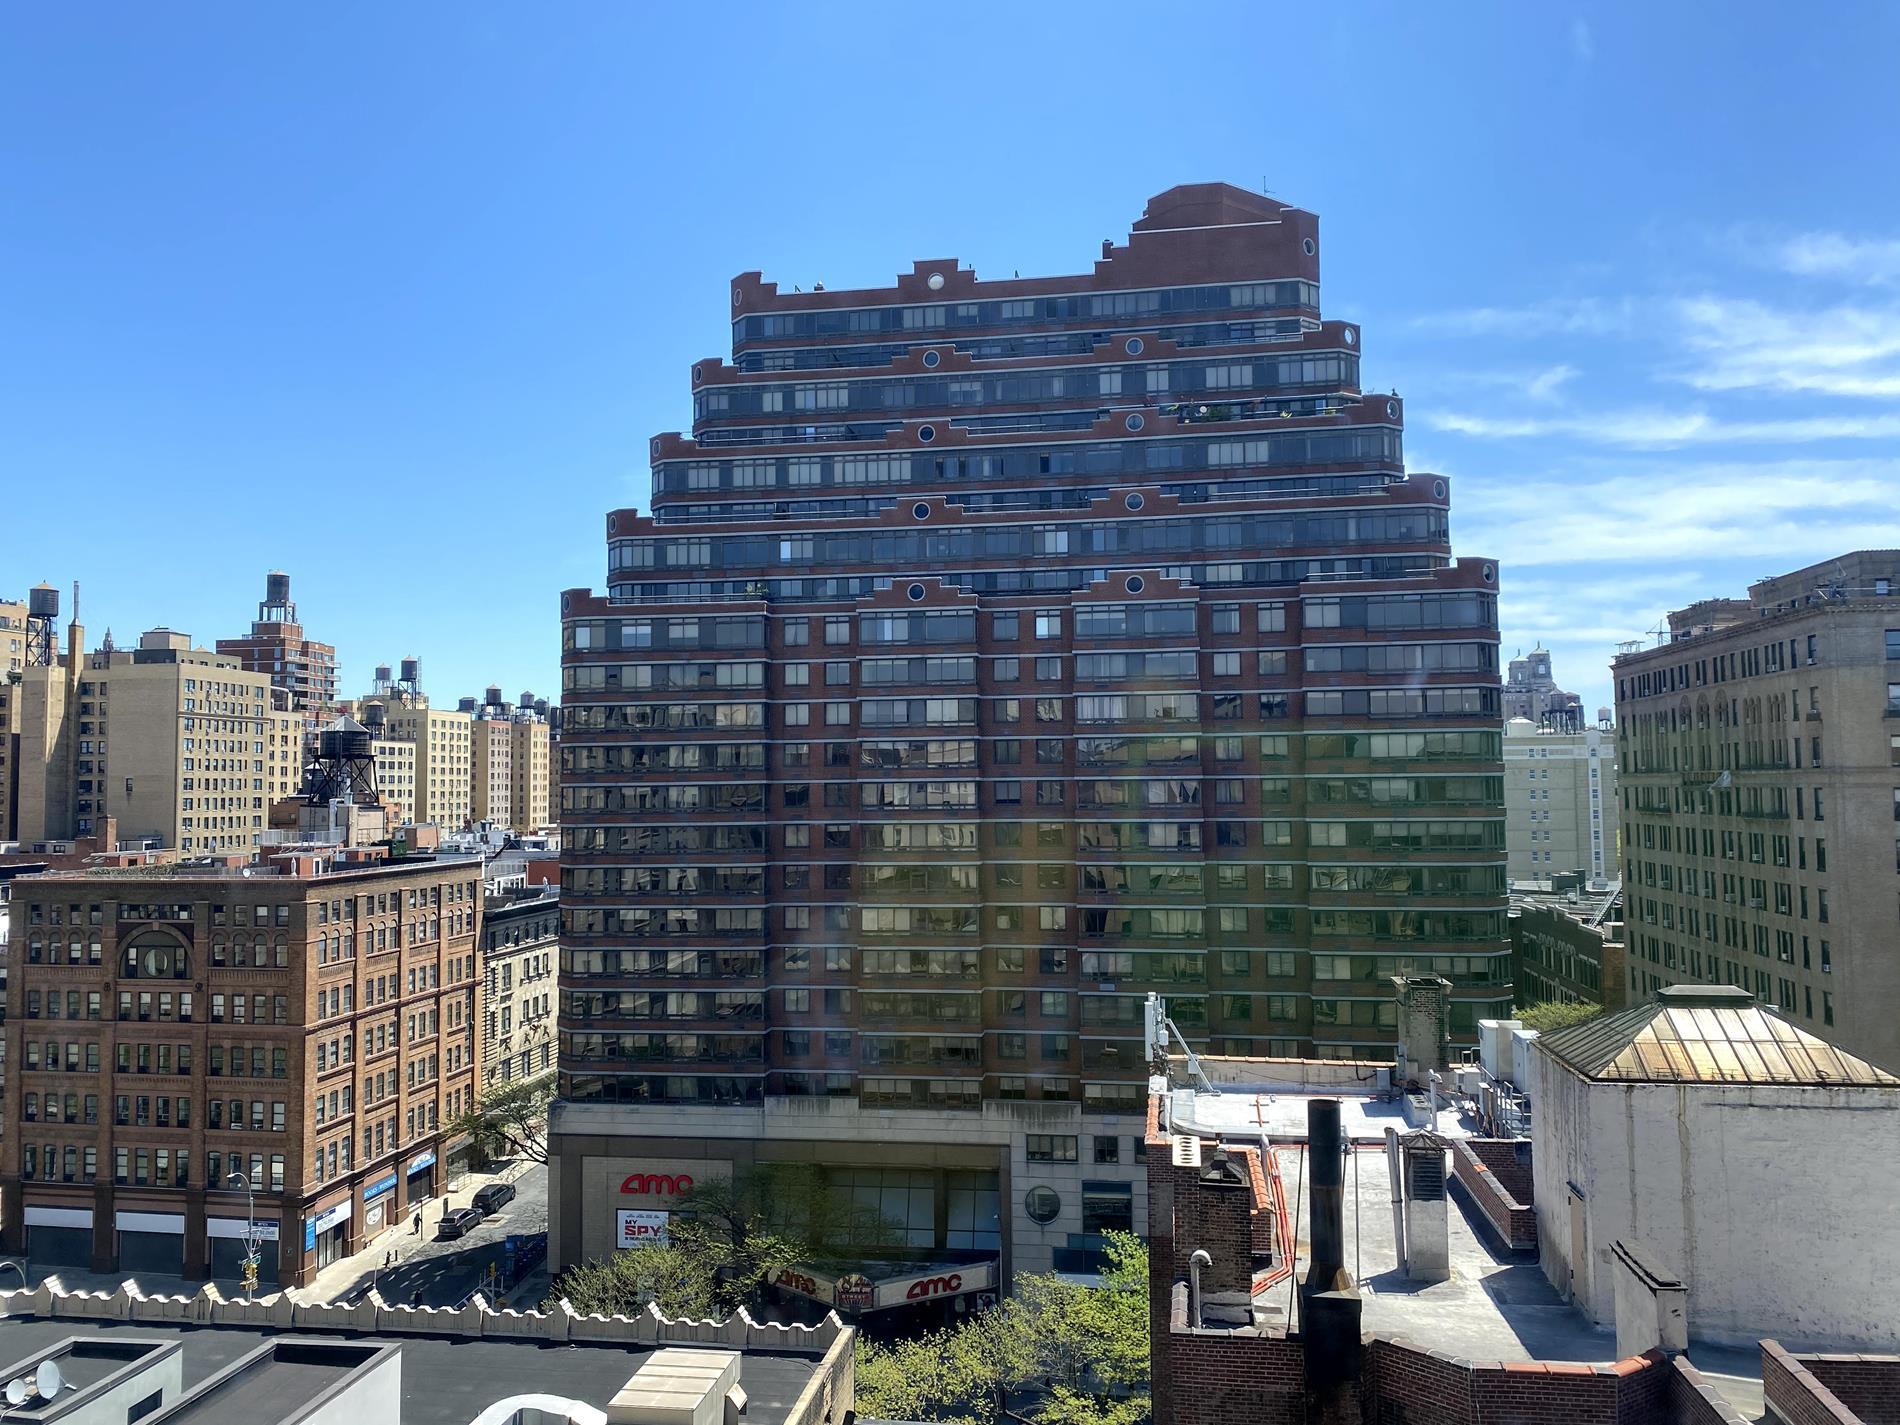 Apartment for sale at 490 West End Avenue, Apt 11-D